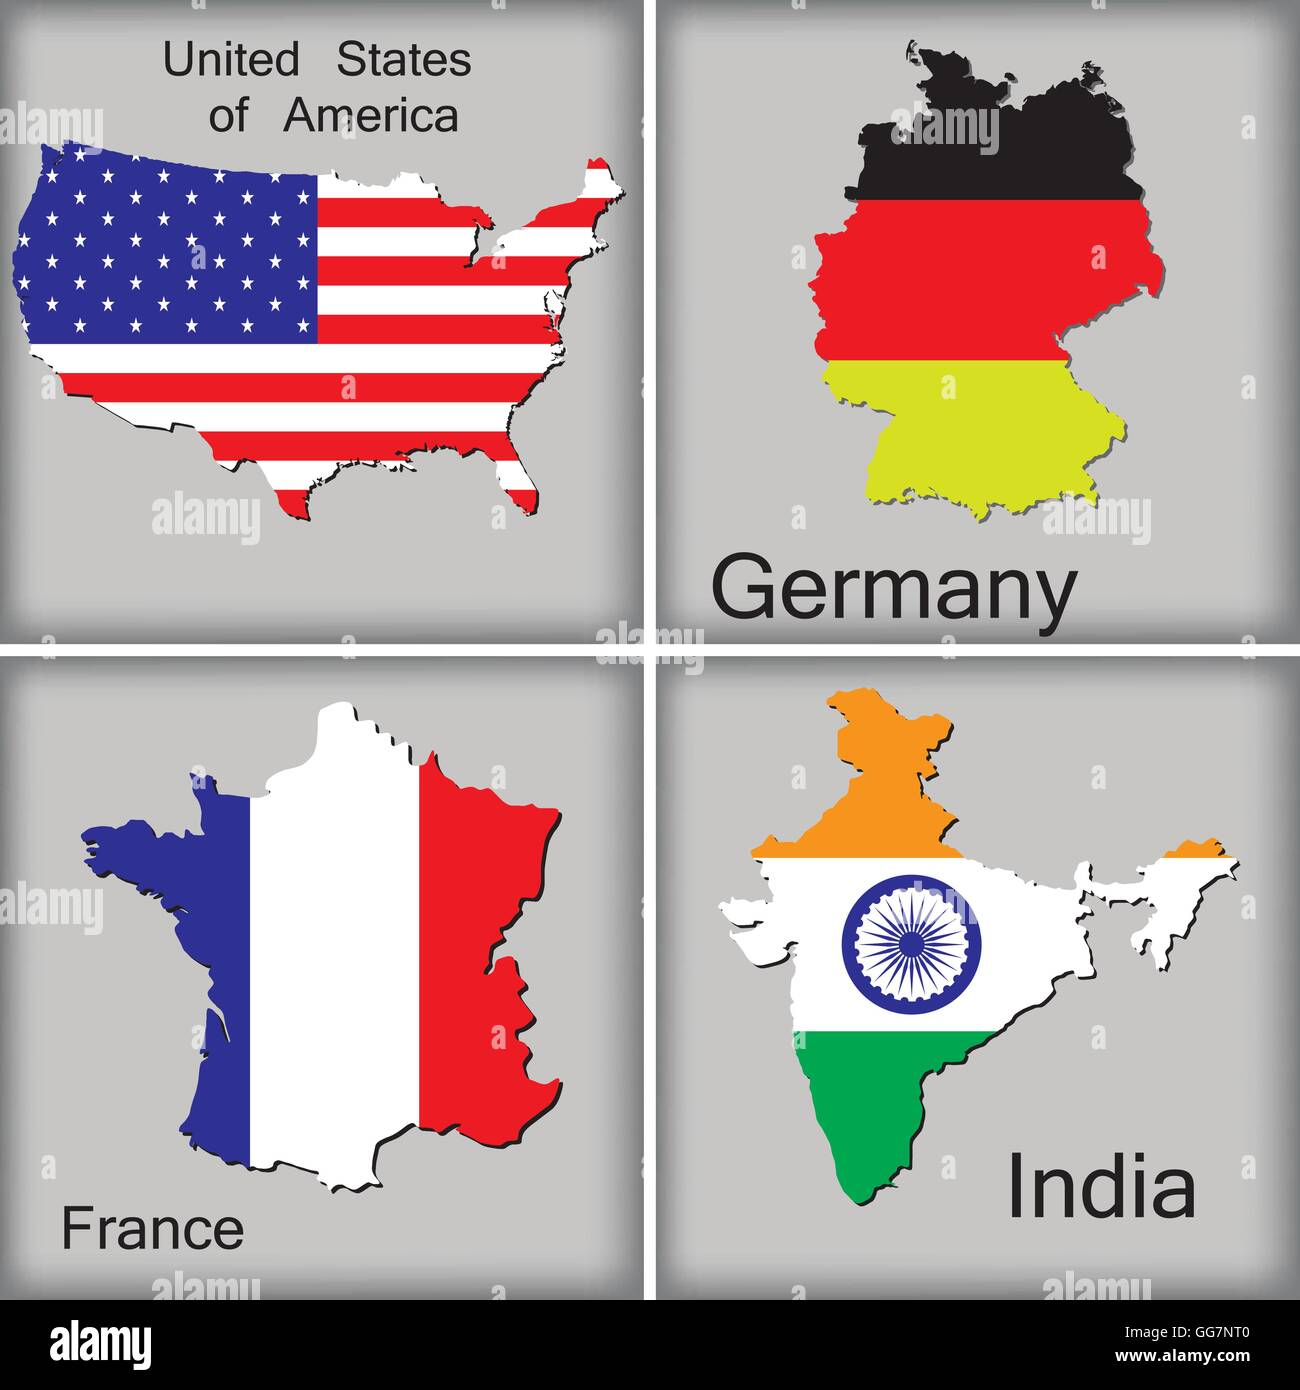 Karten Von Usa Deutschland Frankreich Und Indien Auf Grauem